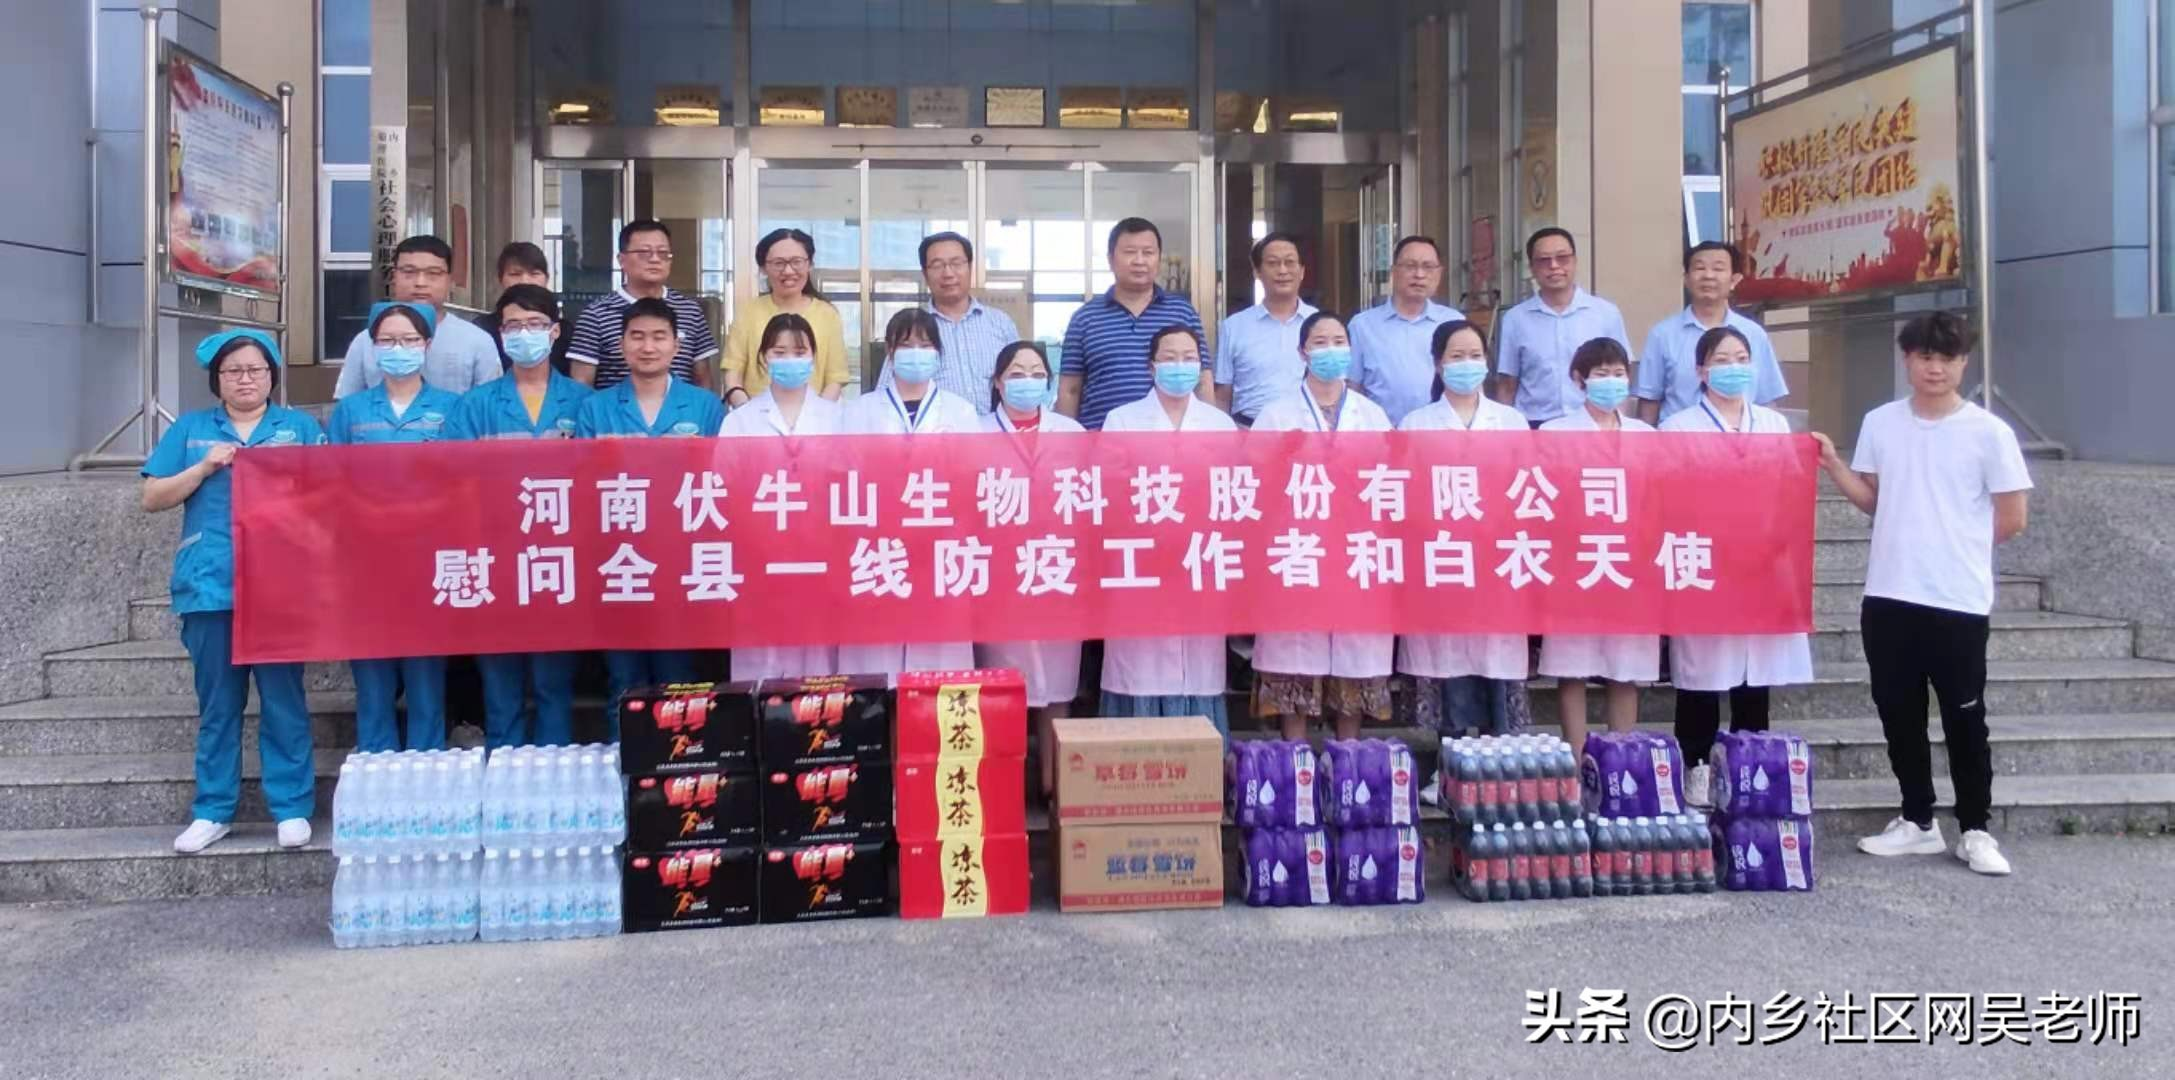 内乡伏牛山公司端午慰问全县防疫工作者和白衣天使